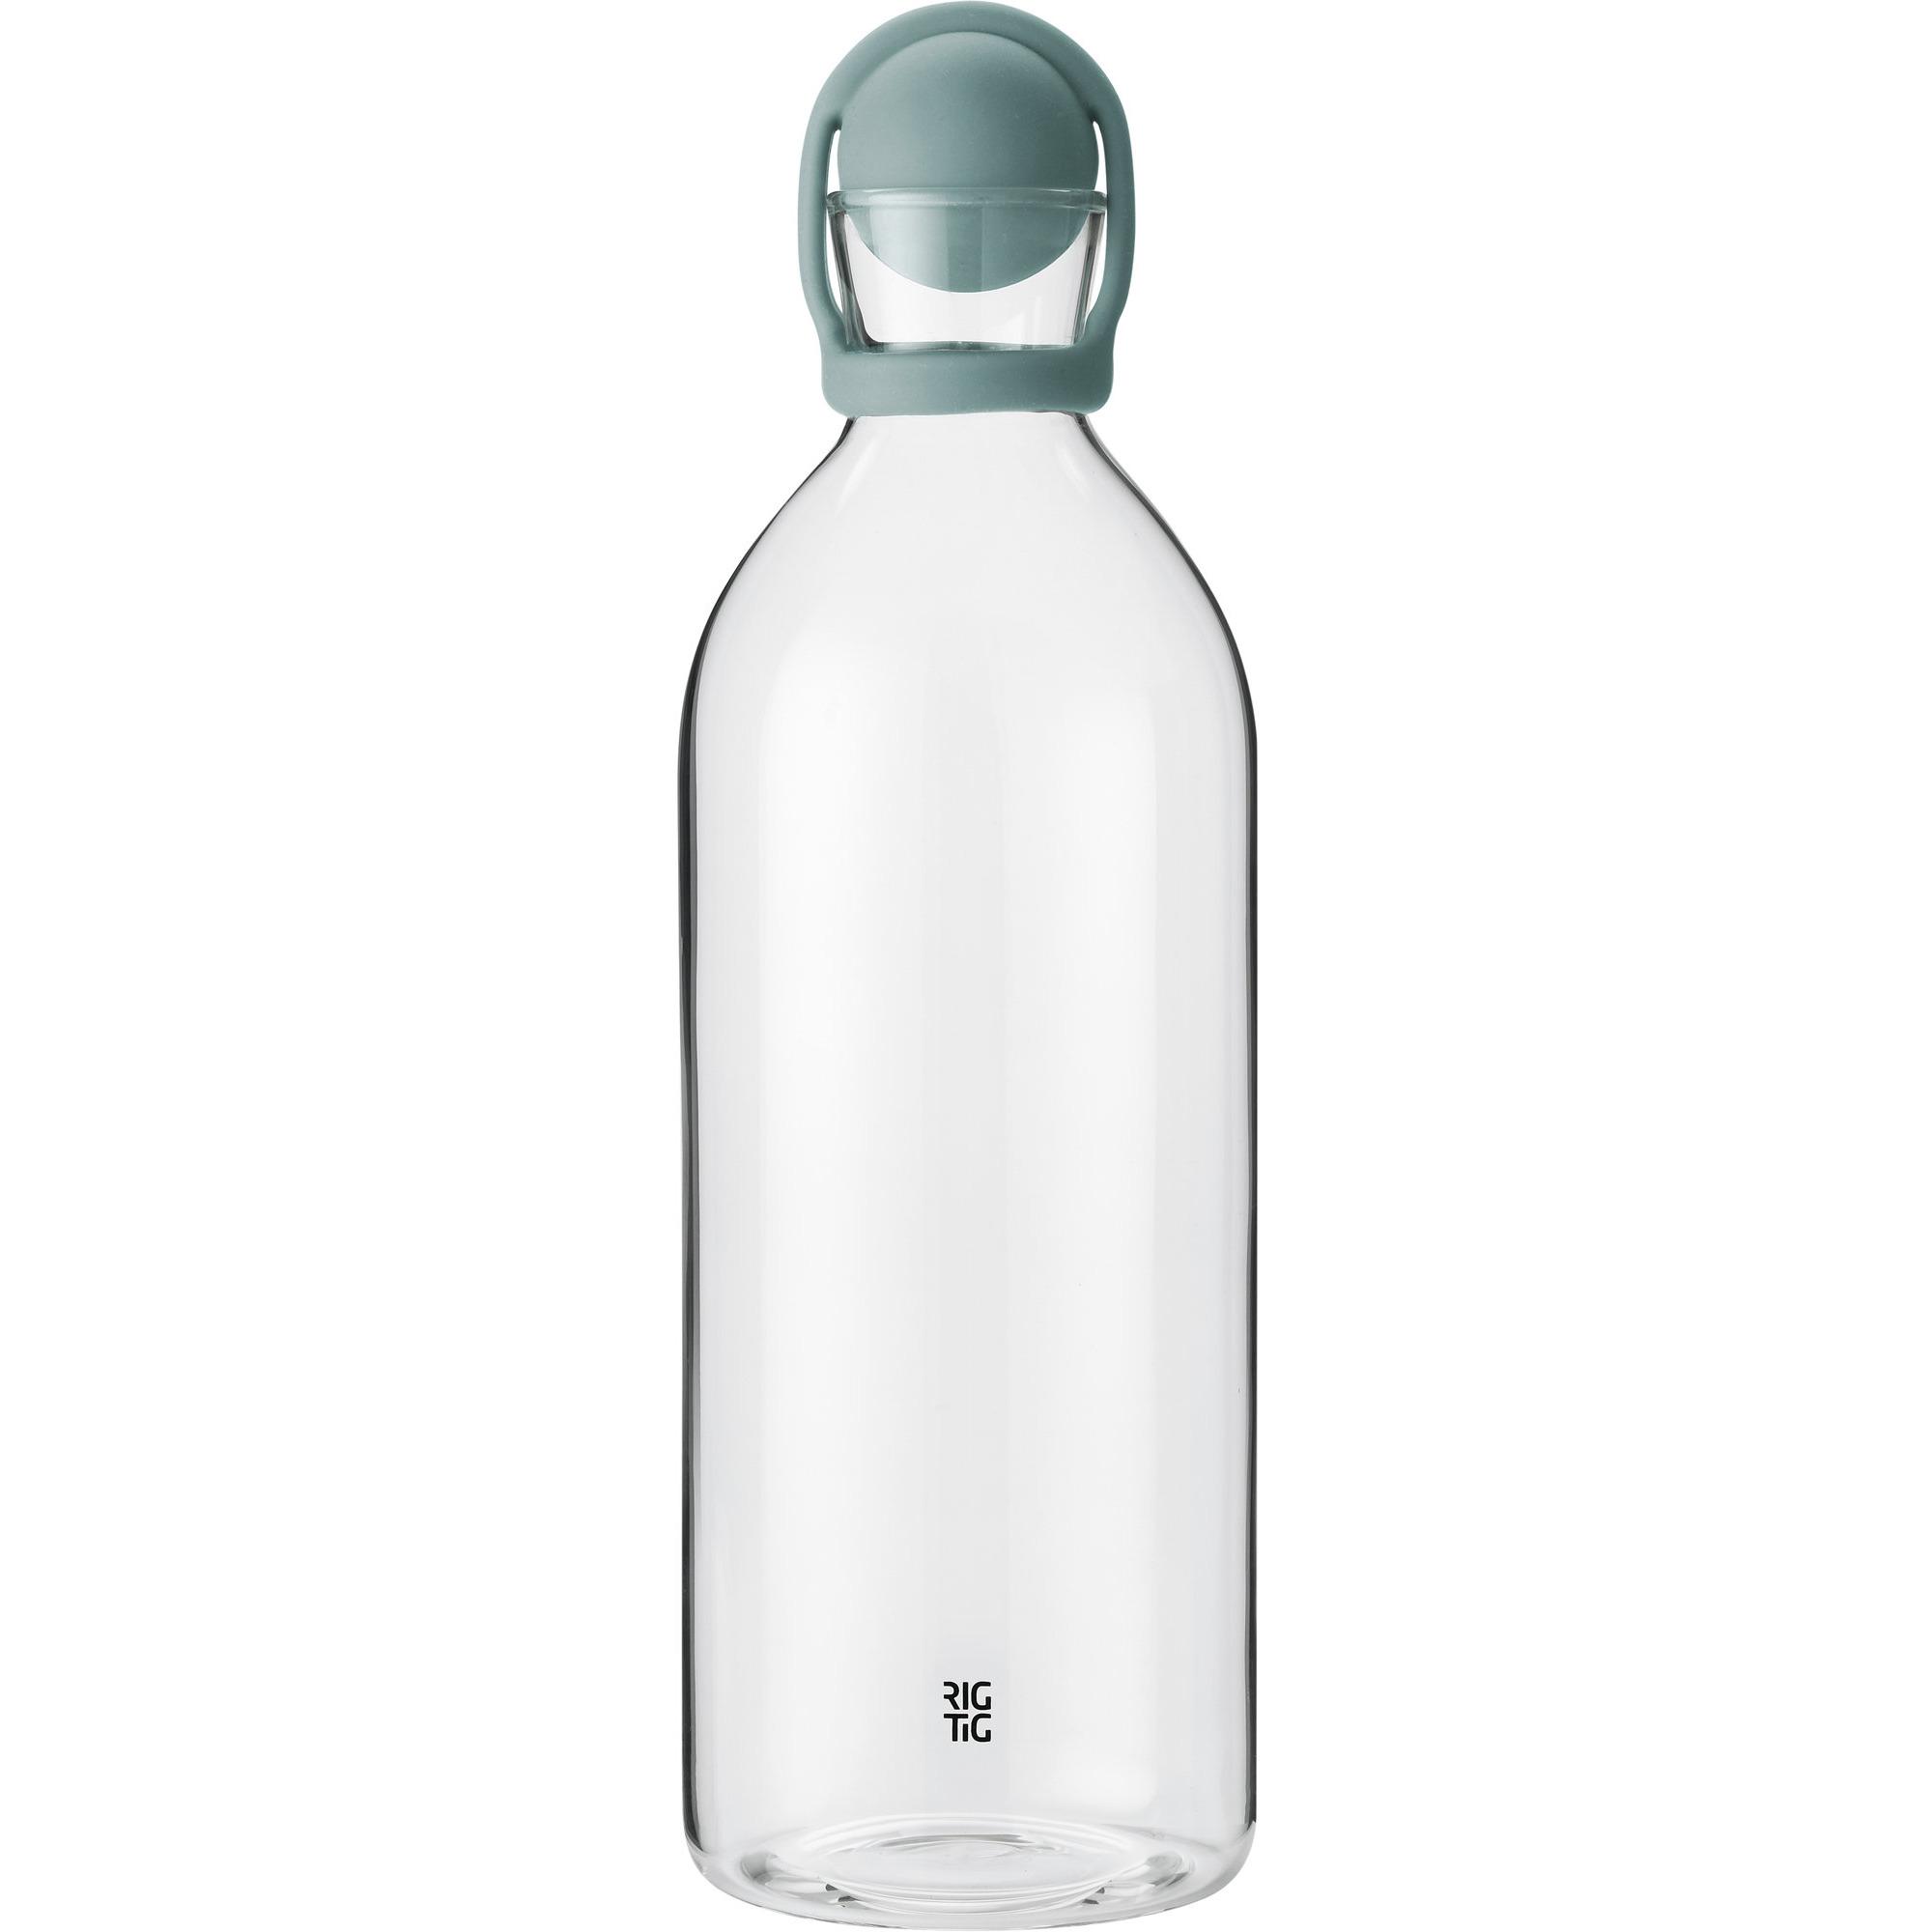 RIG-TIG Cool-It vattenkaraff 15 liter grön